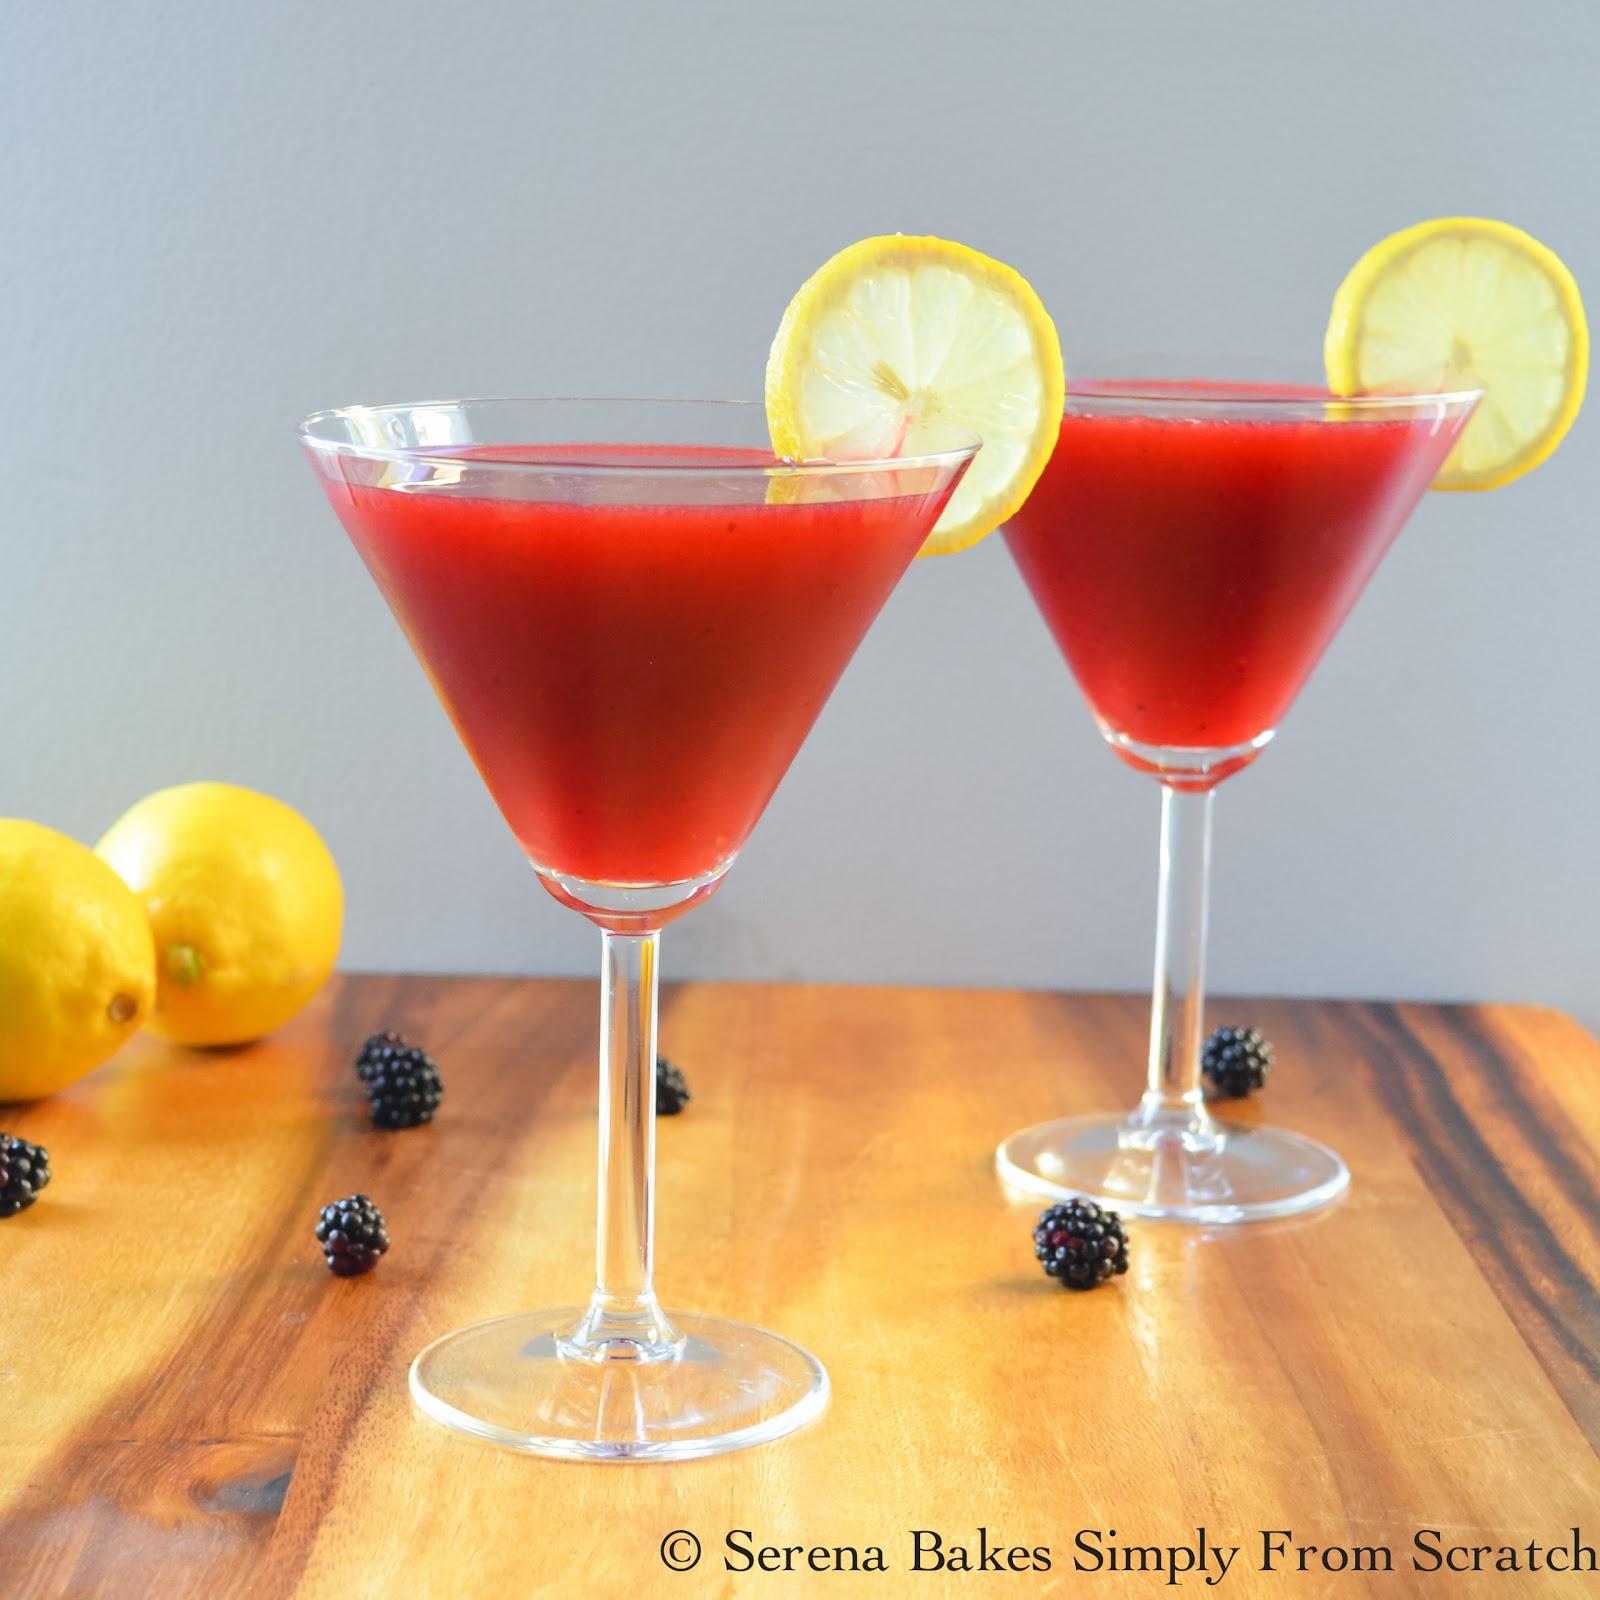 Spiked Blackberry Lemonade